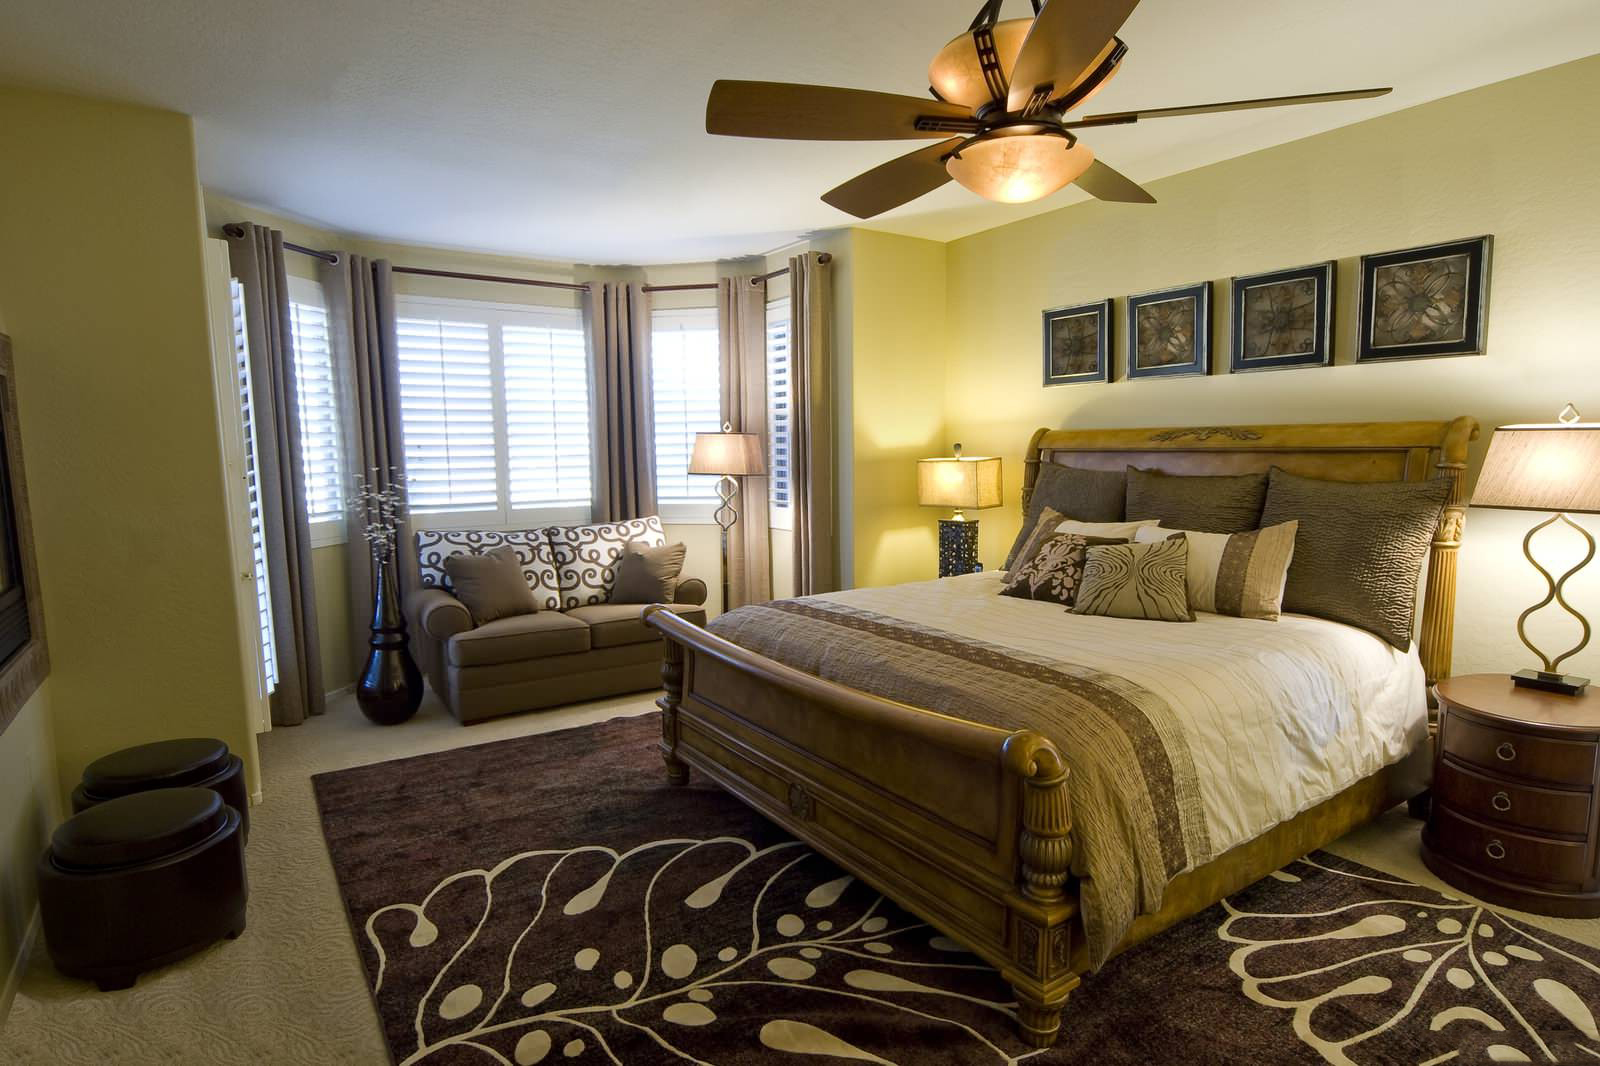 Спальня с балконом - дизайн, фото интерьеров и рекомендации.